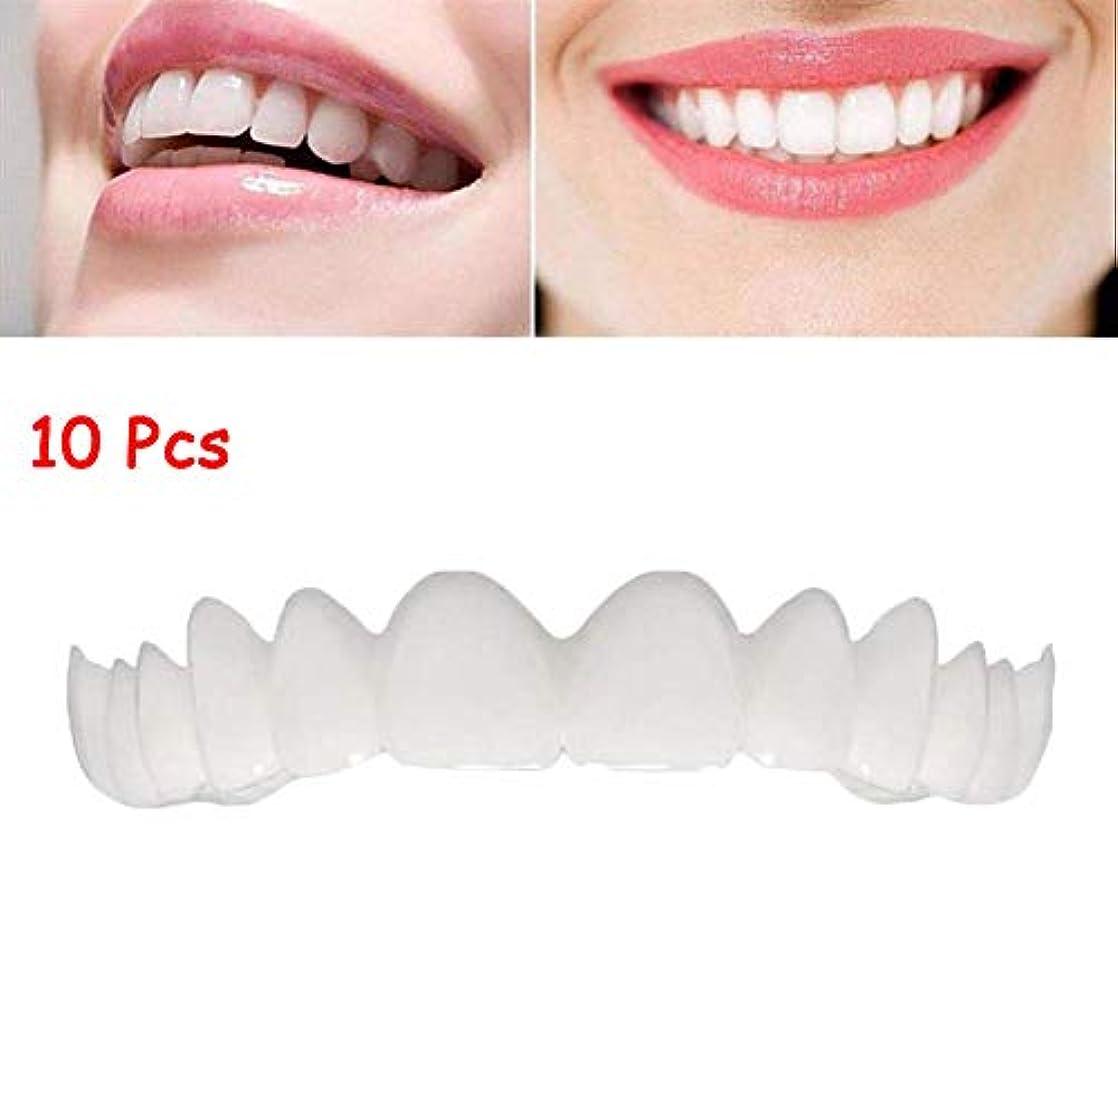 ハッチページカウントアップ10本の一時的な化粧品の歯義歯歯の化粧品模擬装具アッパーブレースホワイトニング歯スナップキャップインスタント快適なフレックスパーフェクトベニア